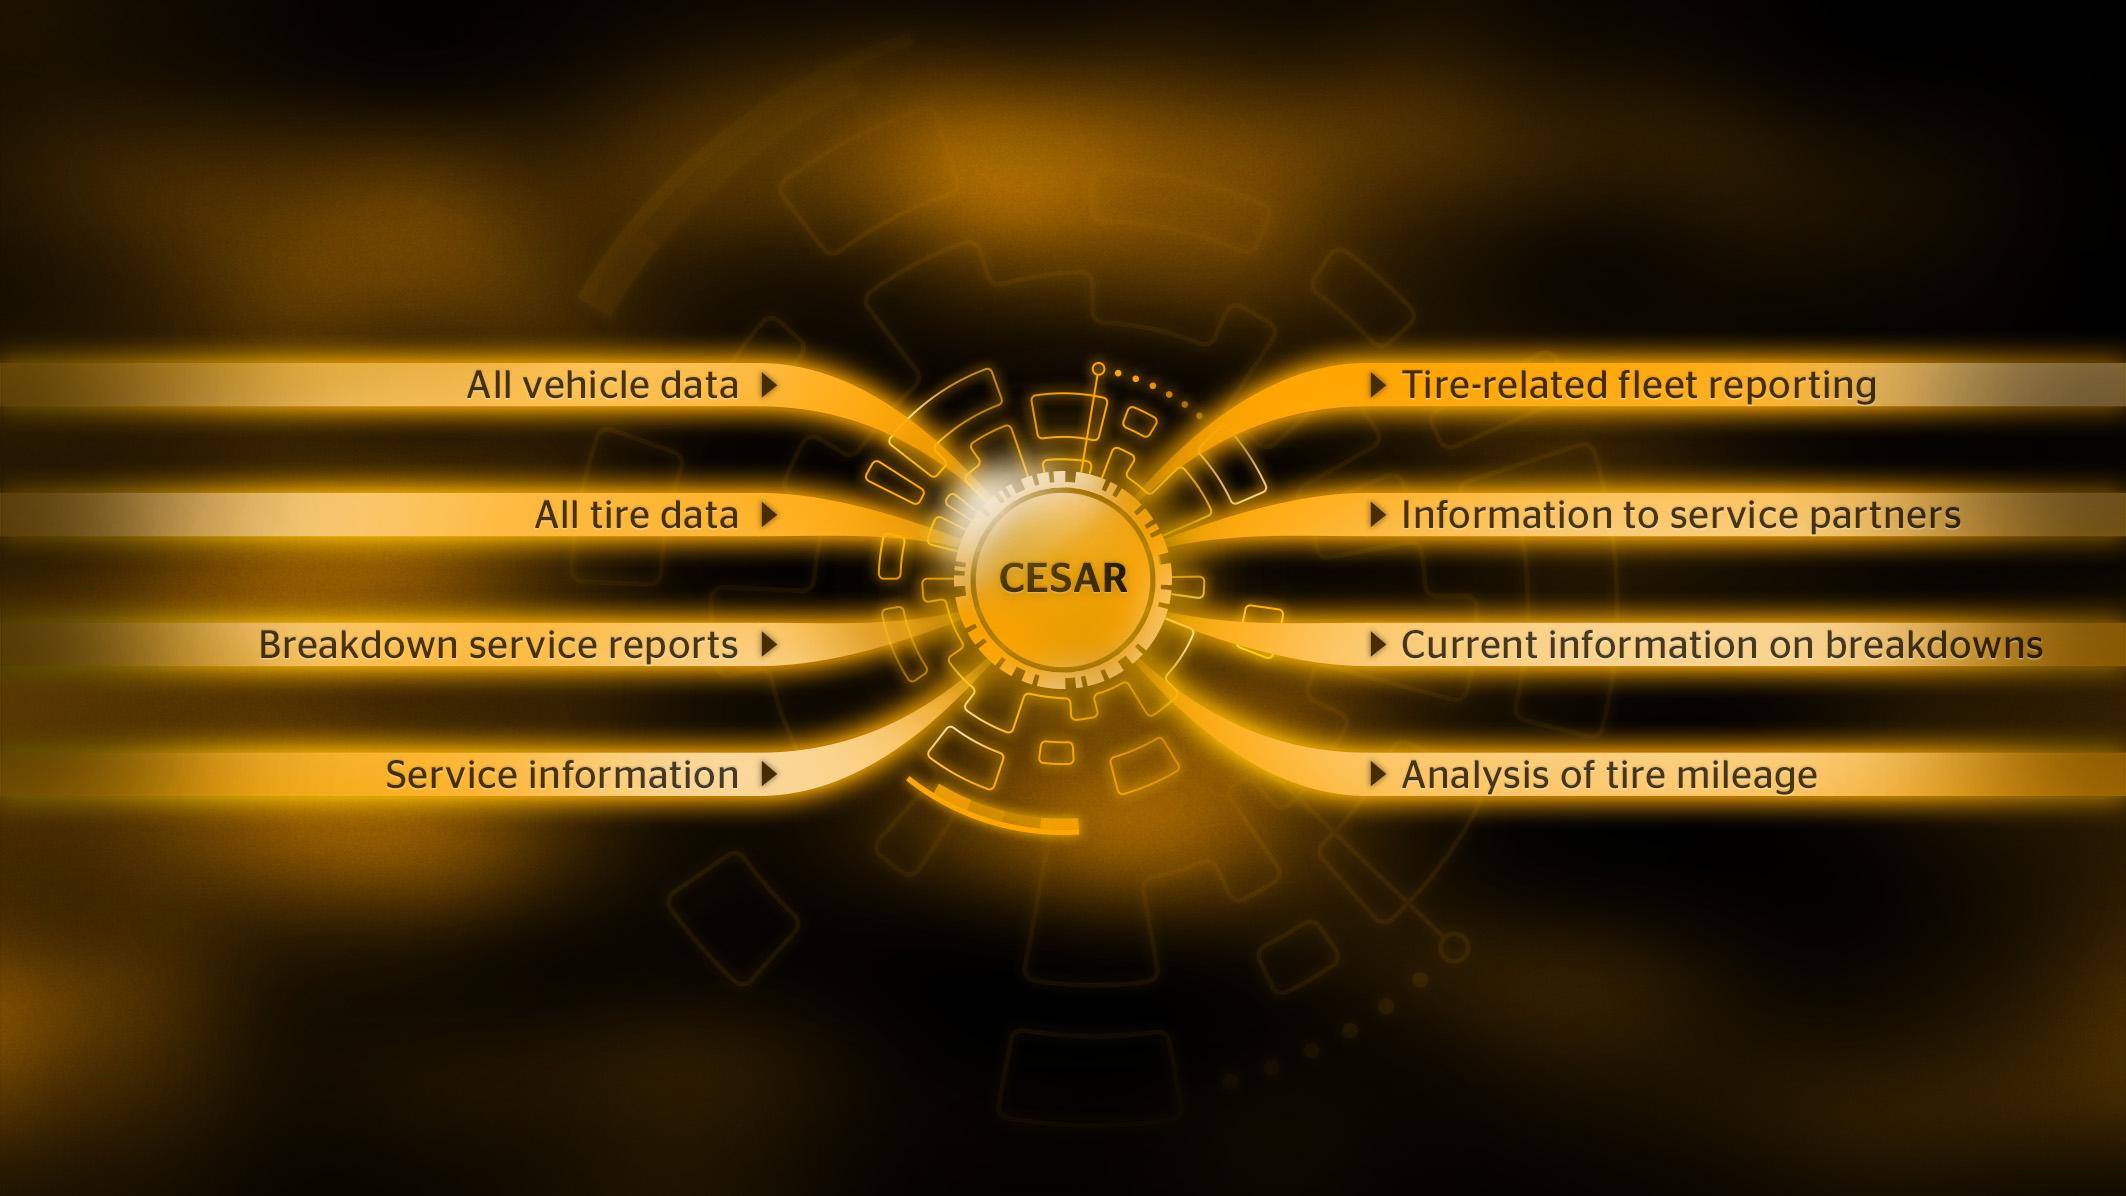 Rozhraní umožňuje nepřetržitou výměnu dat týkajících se služeb mezi PEMA a Continentalem